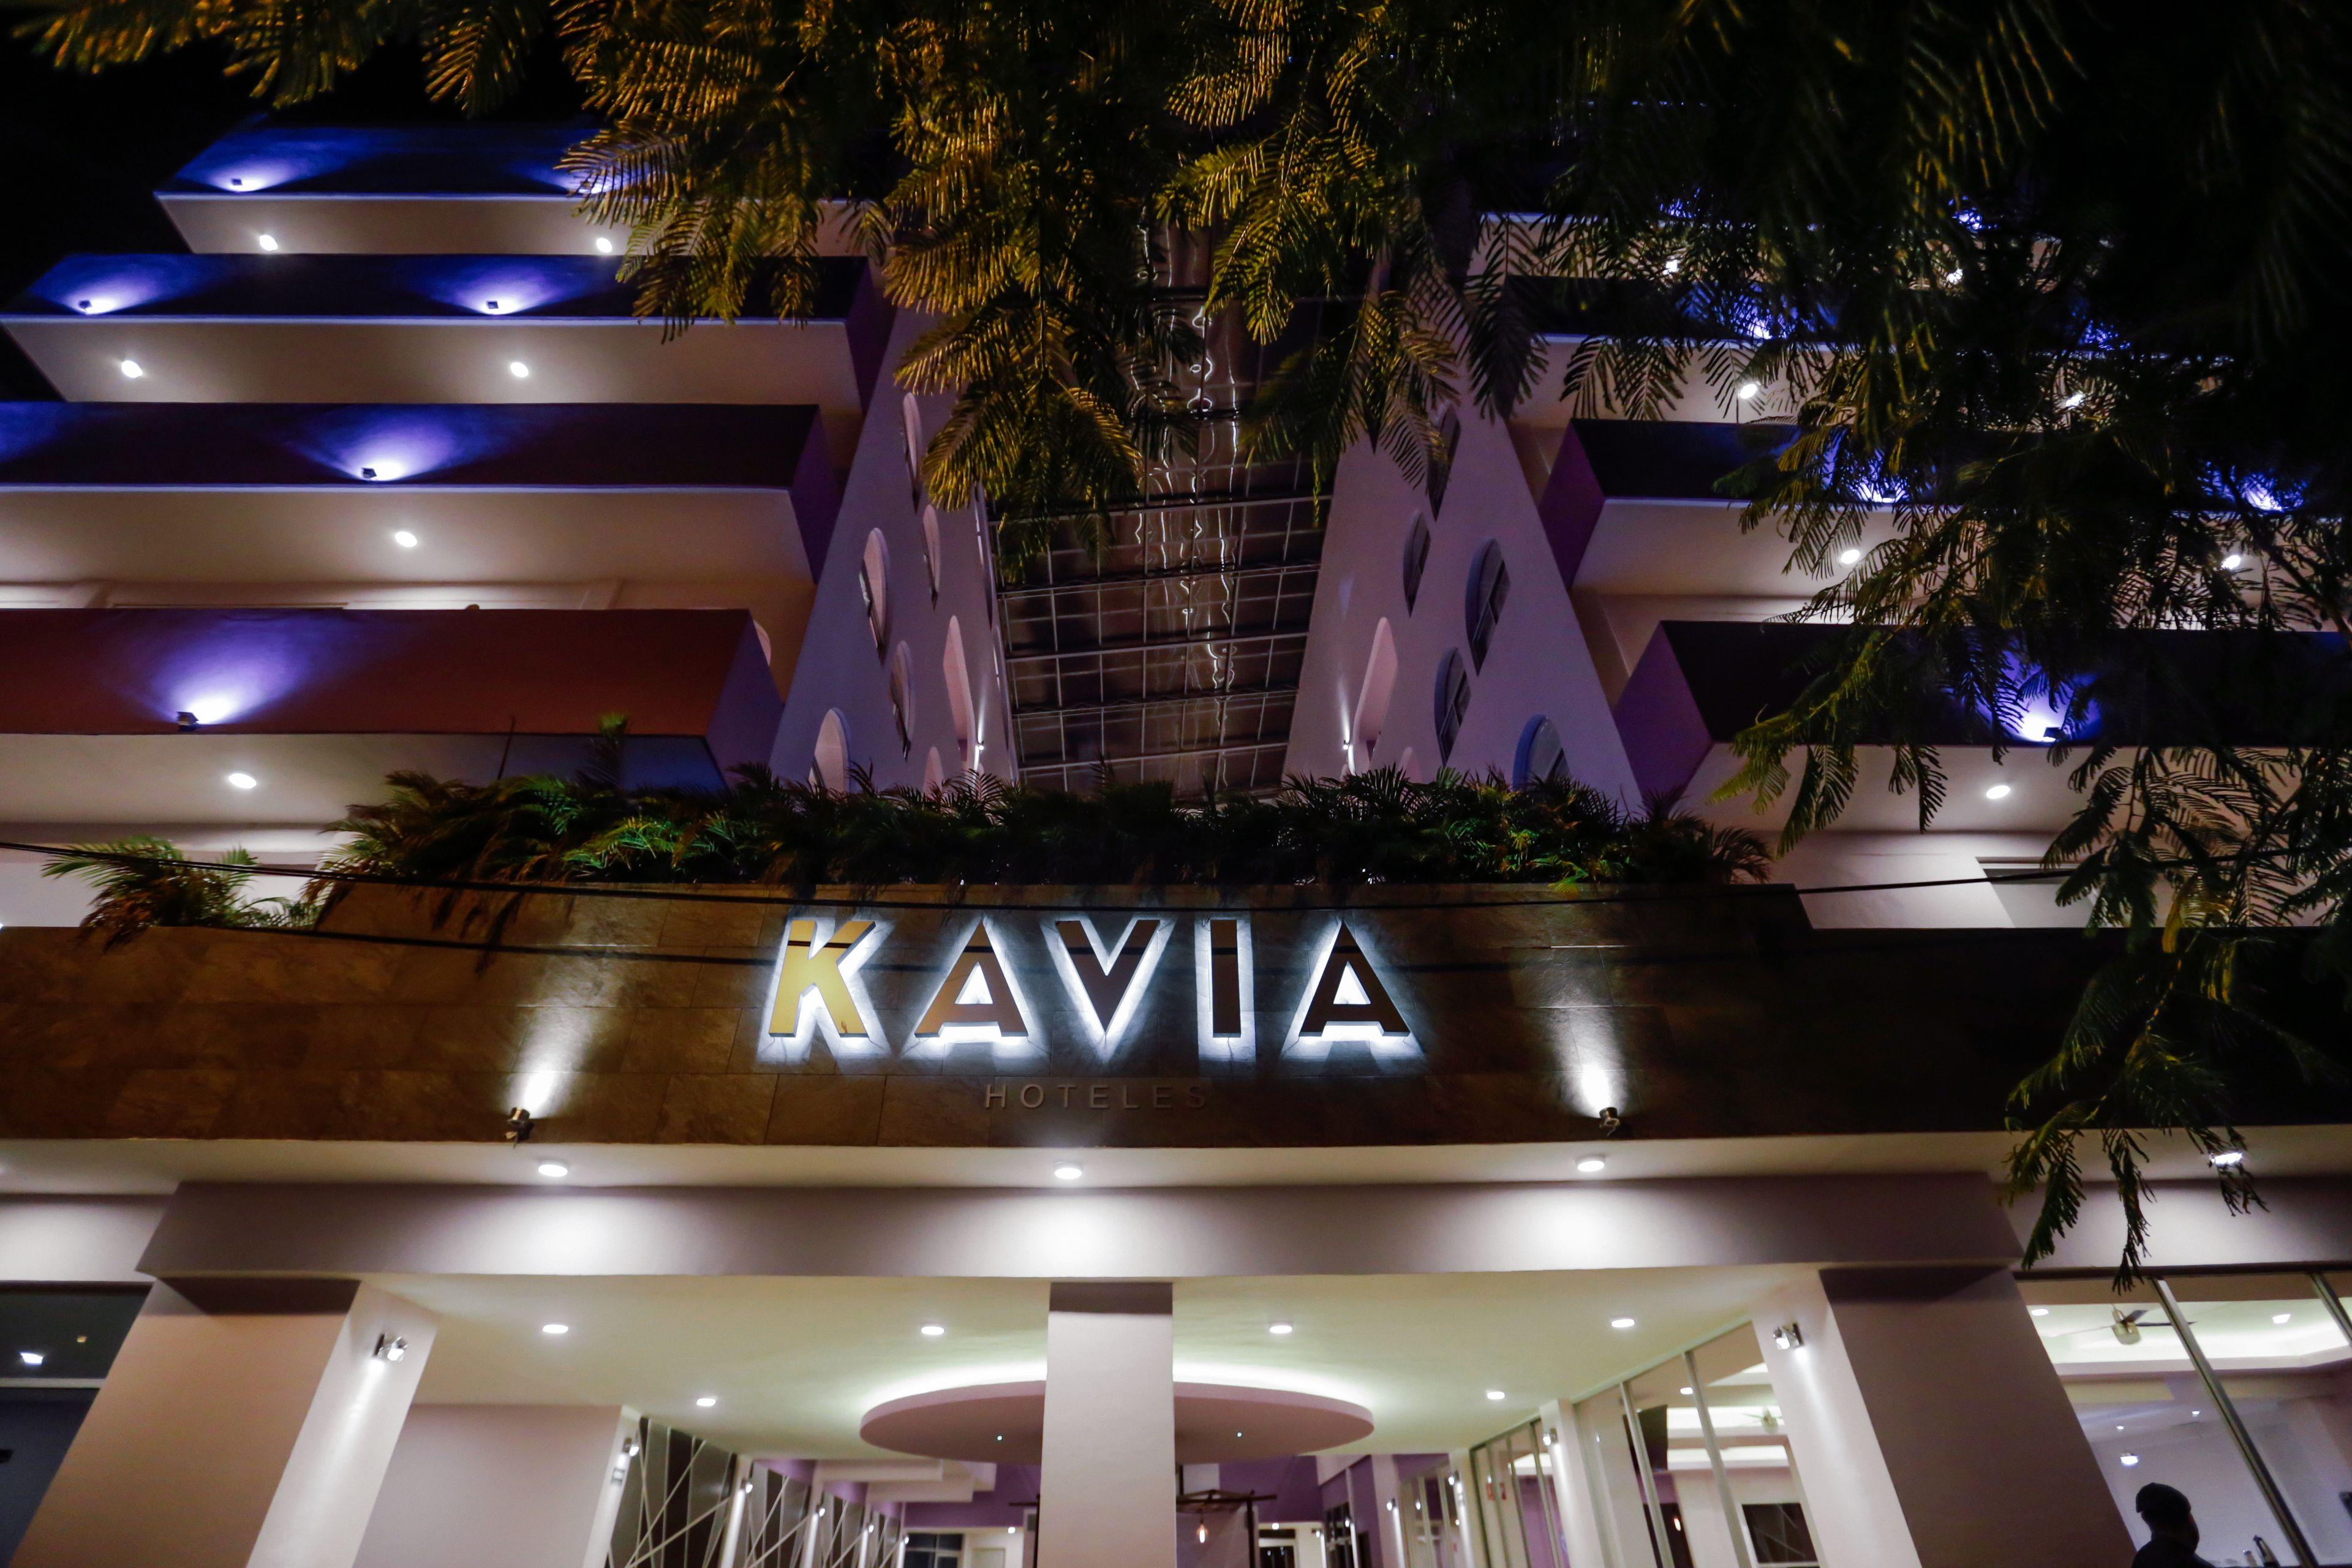 Kavia